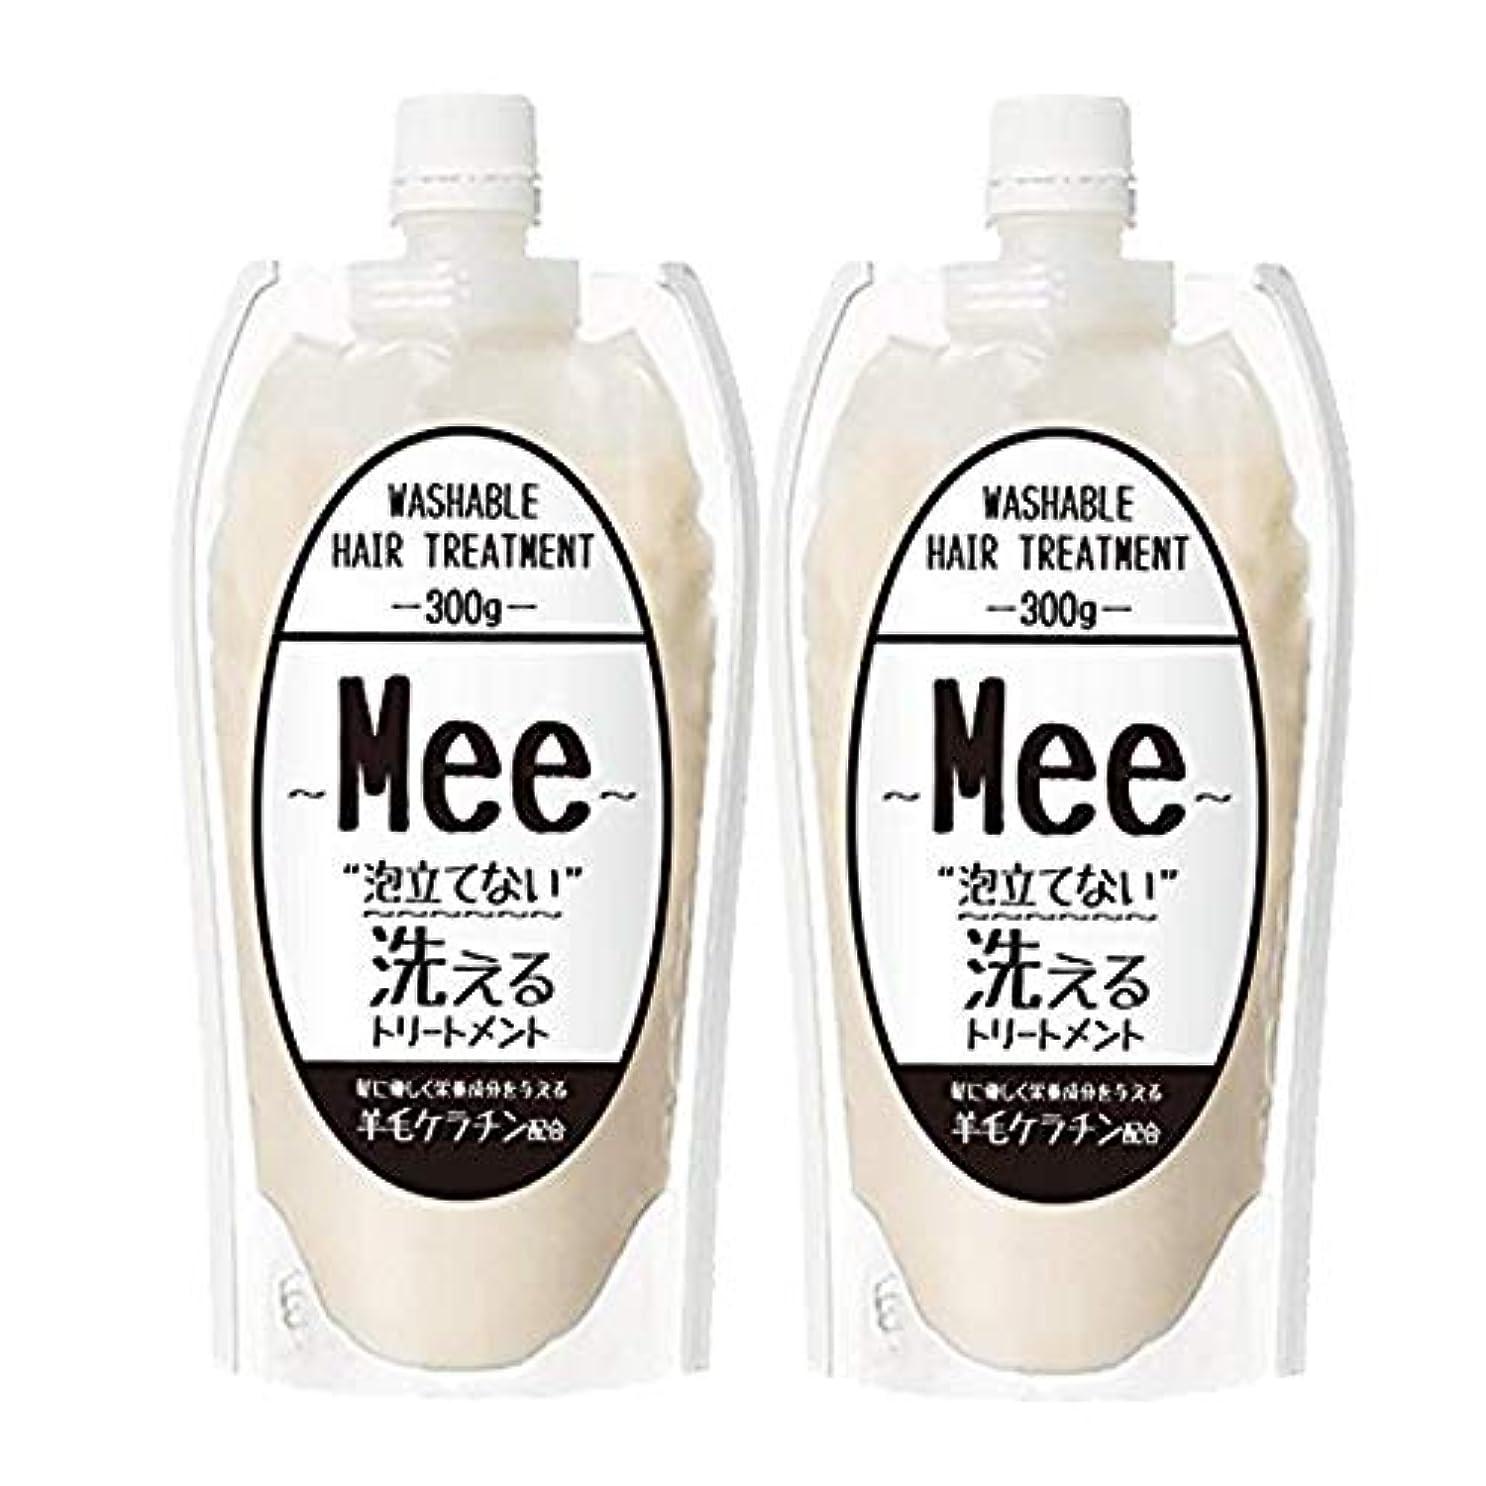 安西シガレット精通したまとめ買い【2個組】 洗えるトリートメントMEE Mee 300g×2個SET クリームシャンプー 皮脂 乾燥肌 ダメージケア 大容量 時短